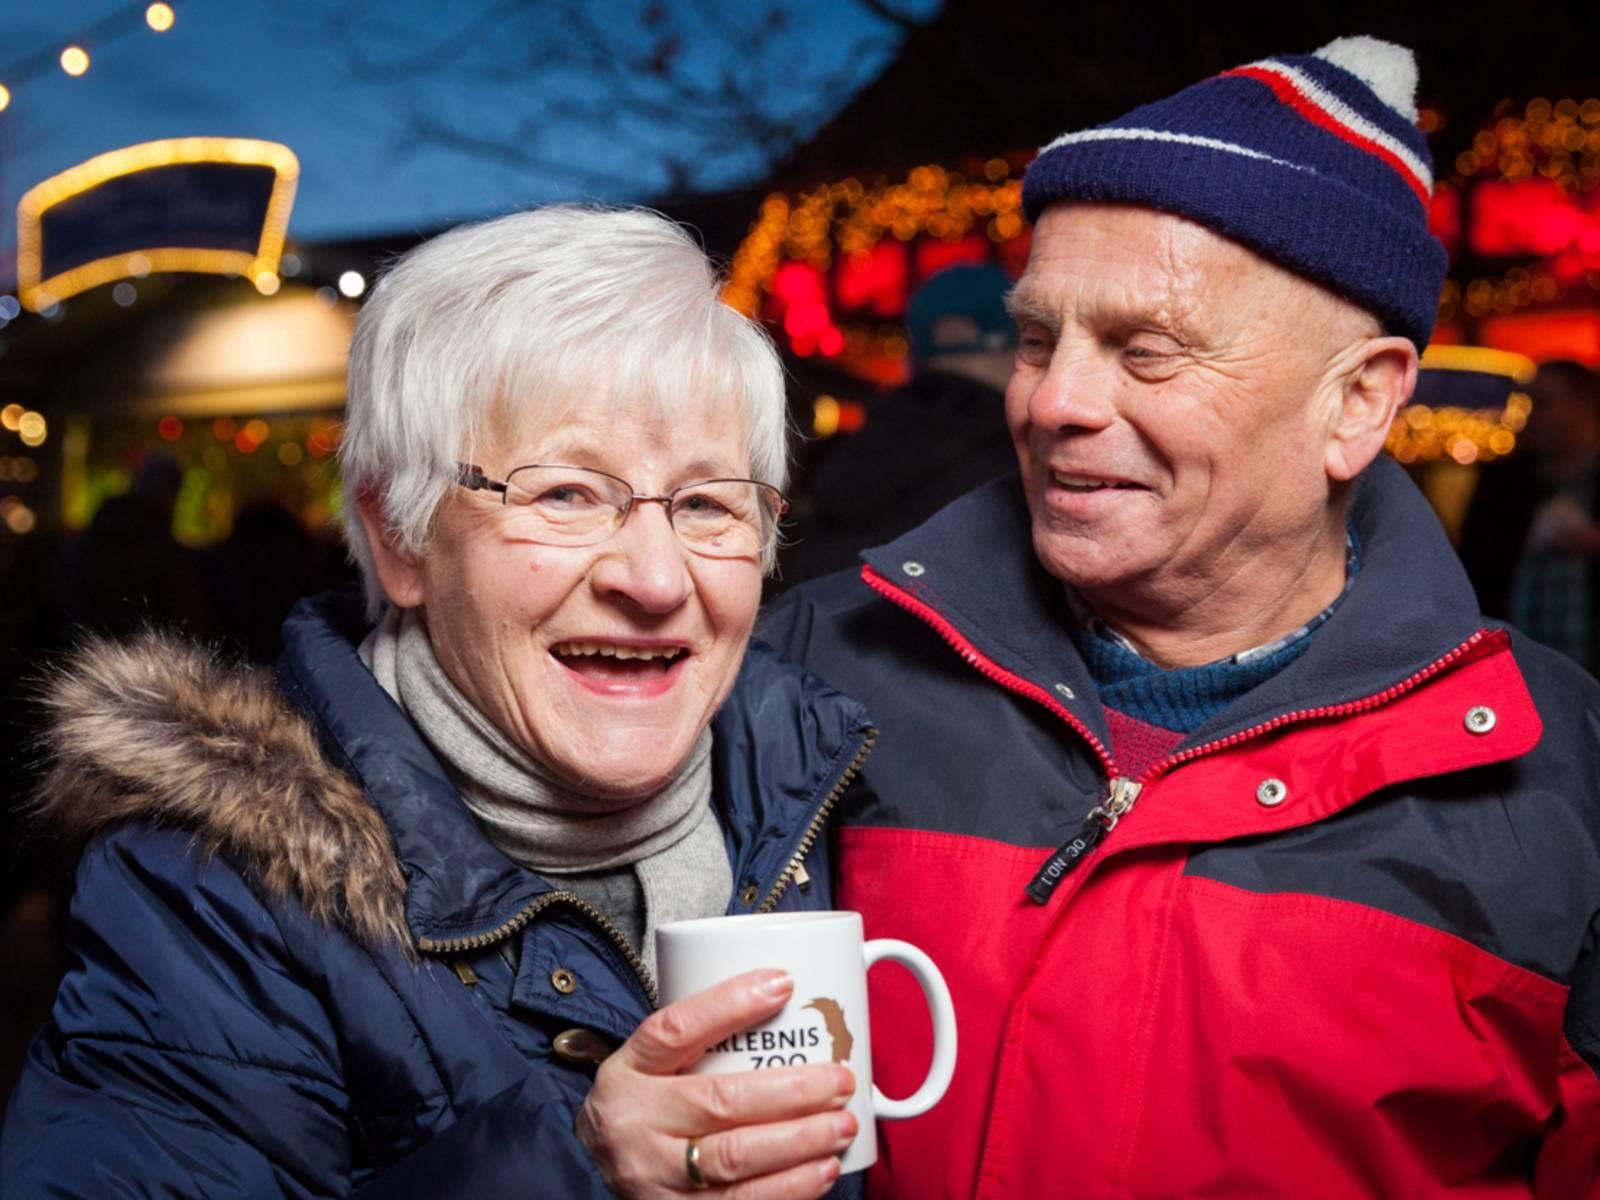 Zwei ältere Menschen mit einer Erlebnis-Zoo-Tasse.